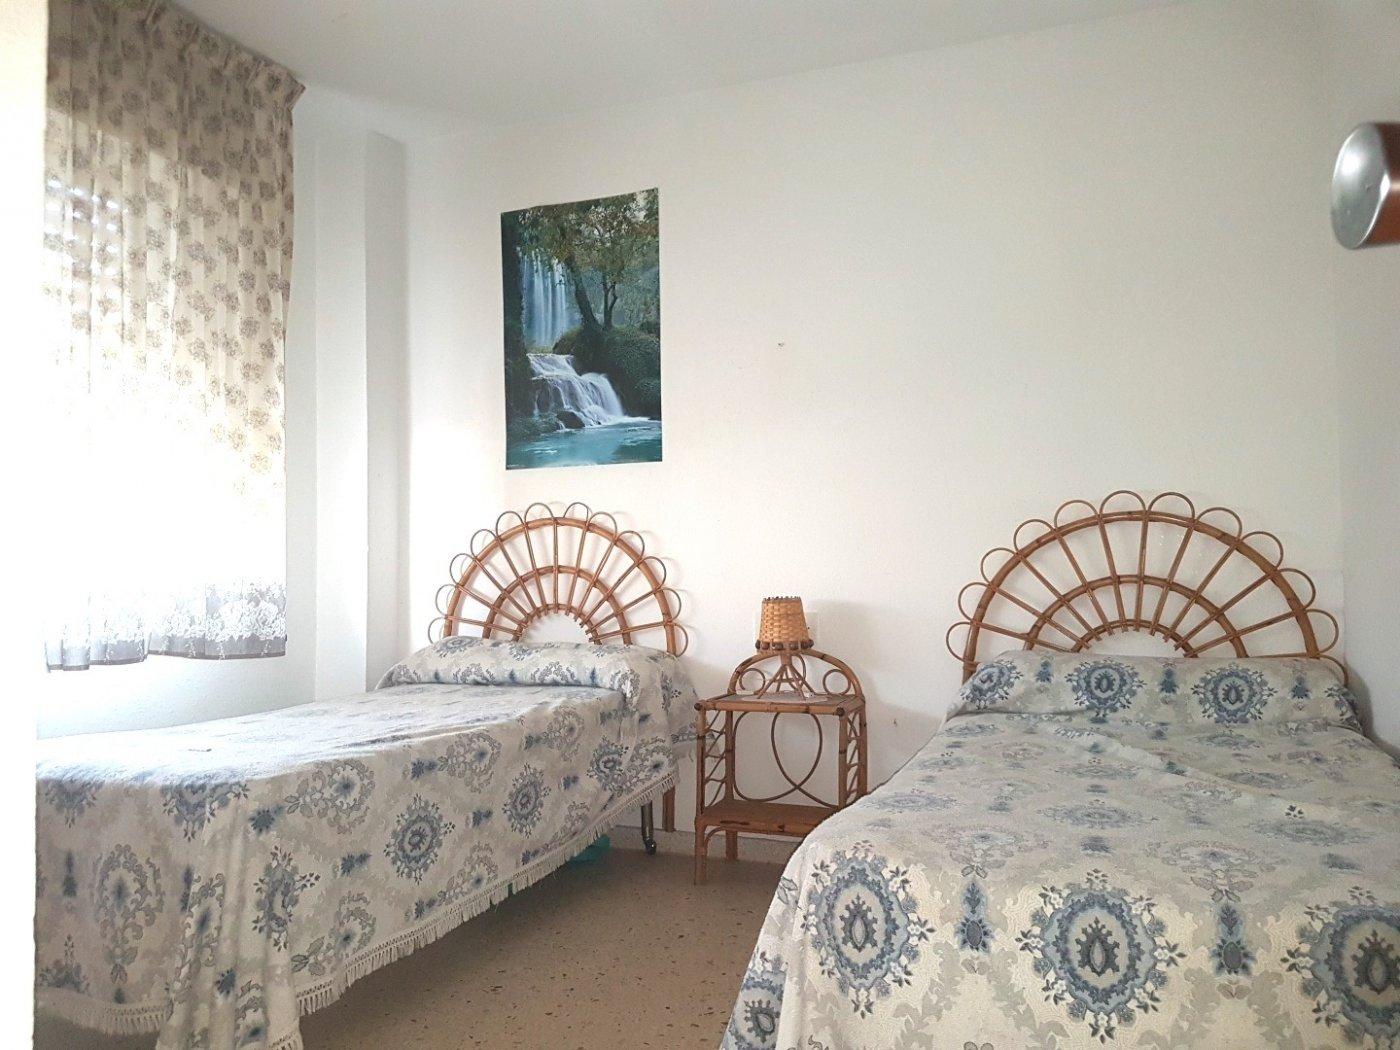 Apartamento en residencial tranquilo con parques, jardines, piscina comunitaria. - imagenInmueble33